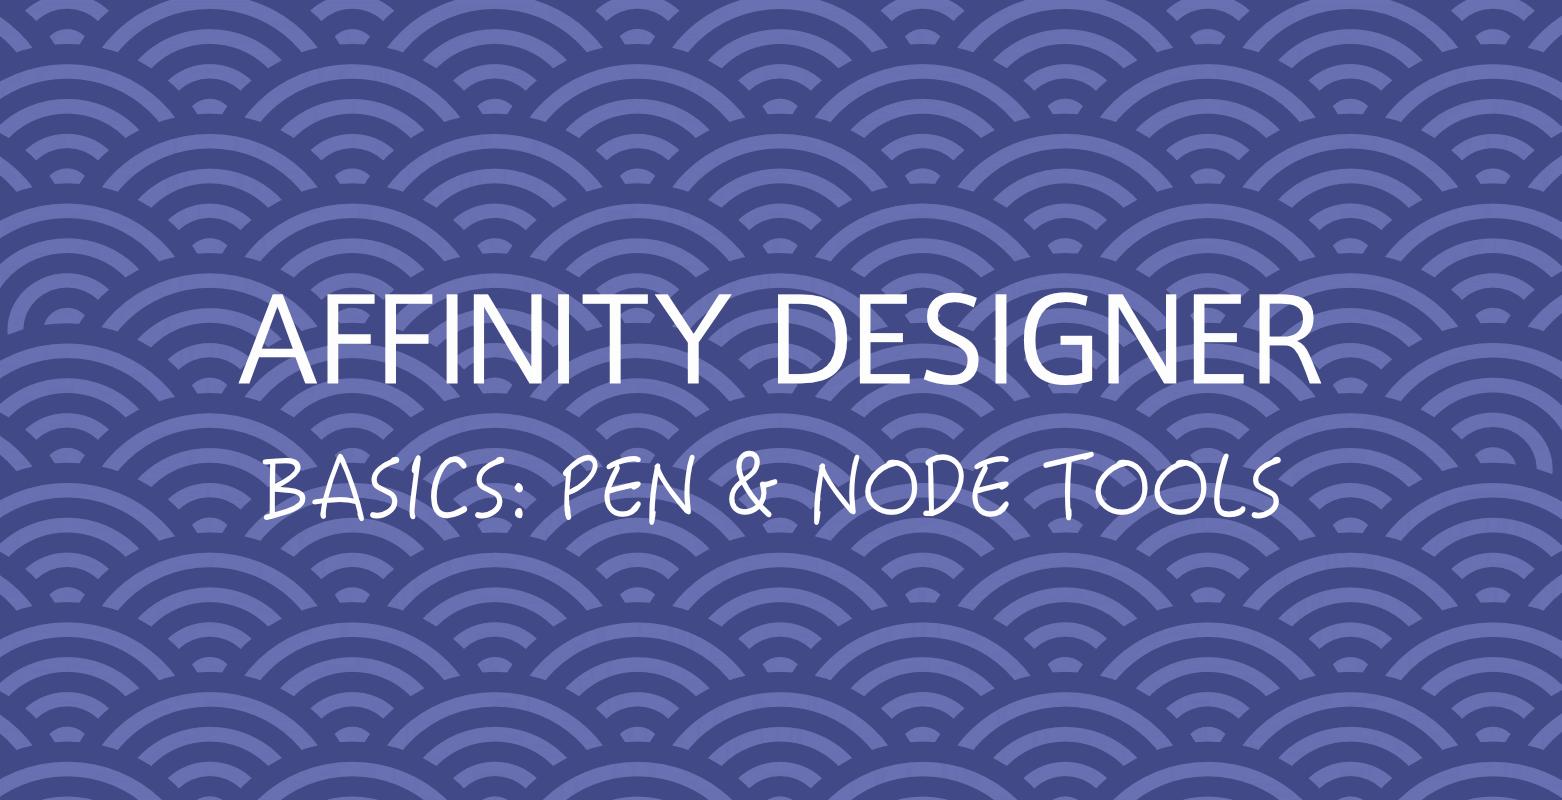 ad-basics-pen-and-node-tools